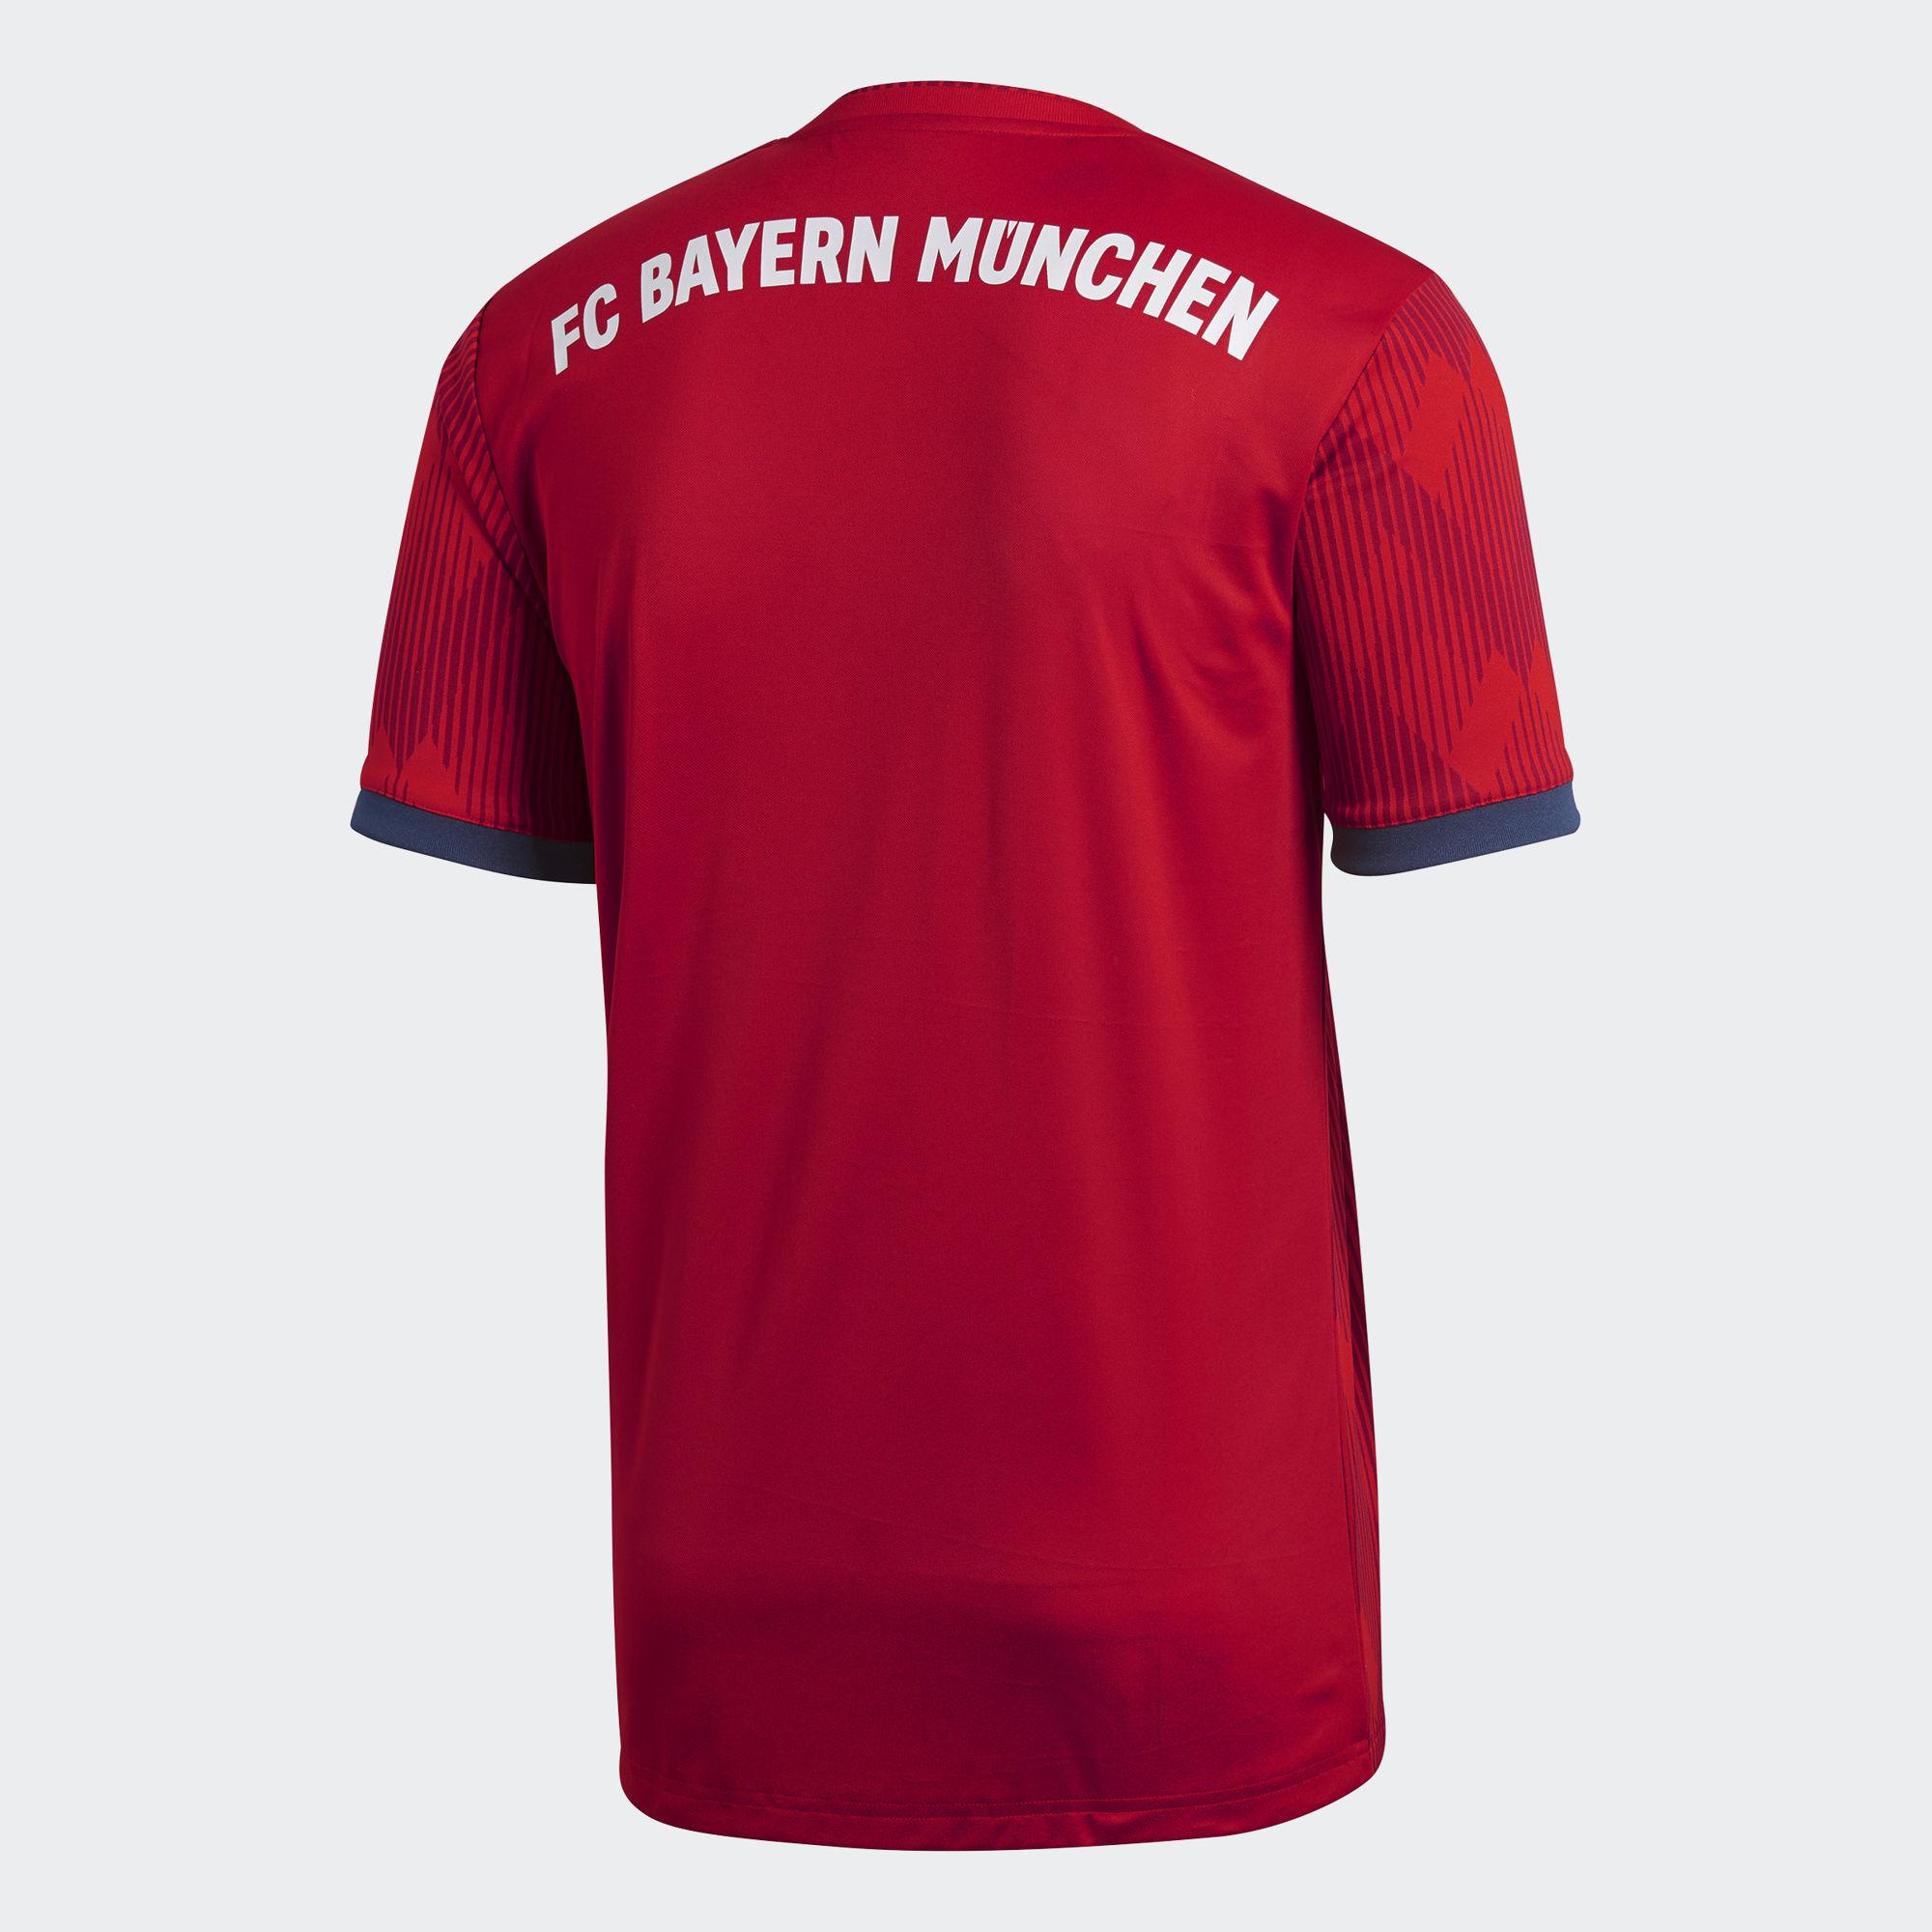 half off 86822 31d85 FC Bayern Munich 2018/2019 Home Kit Men's Soccer Jersey Football New Season  from Soccer Jersey, T-Shirt & DVD